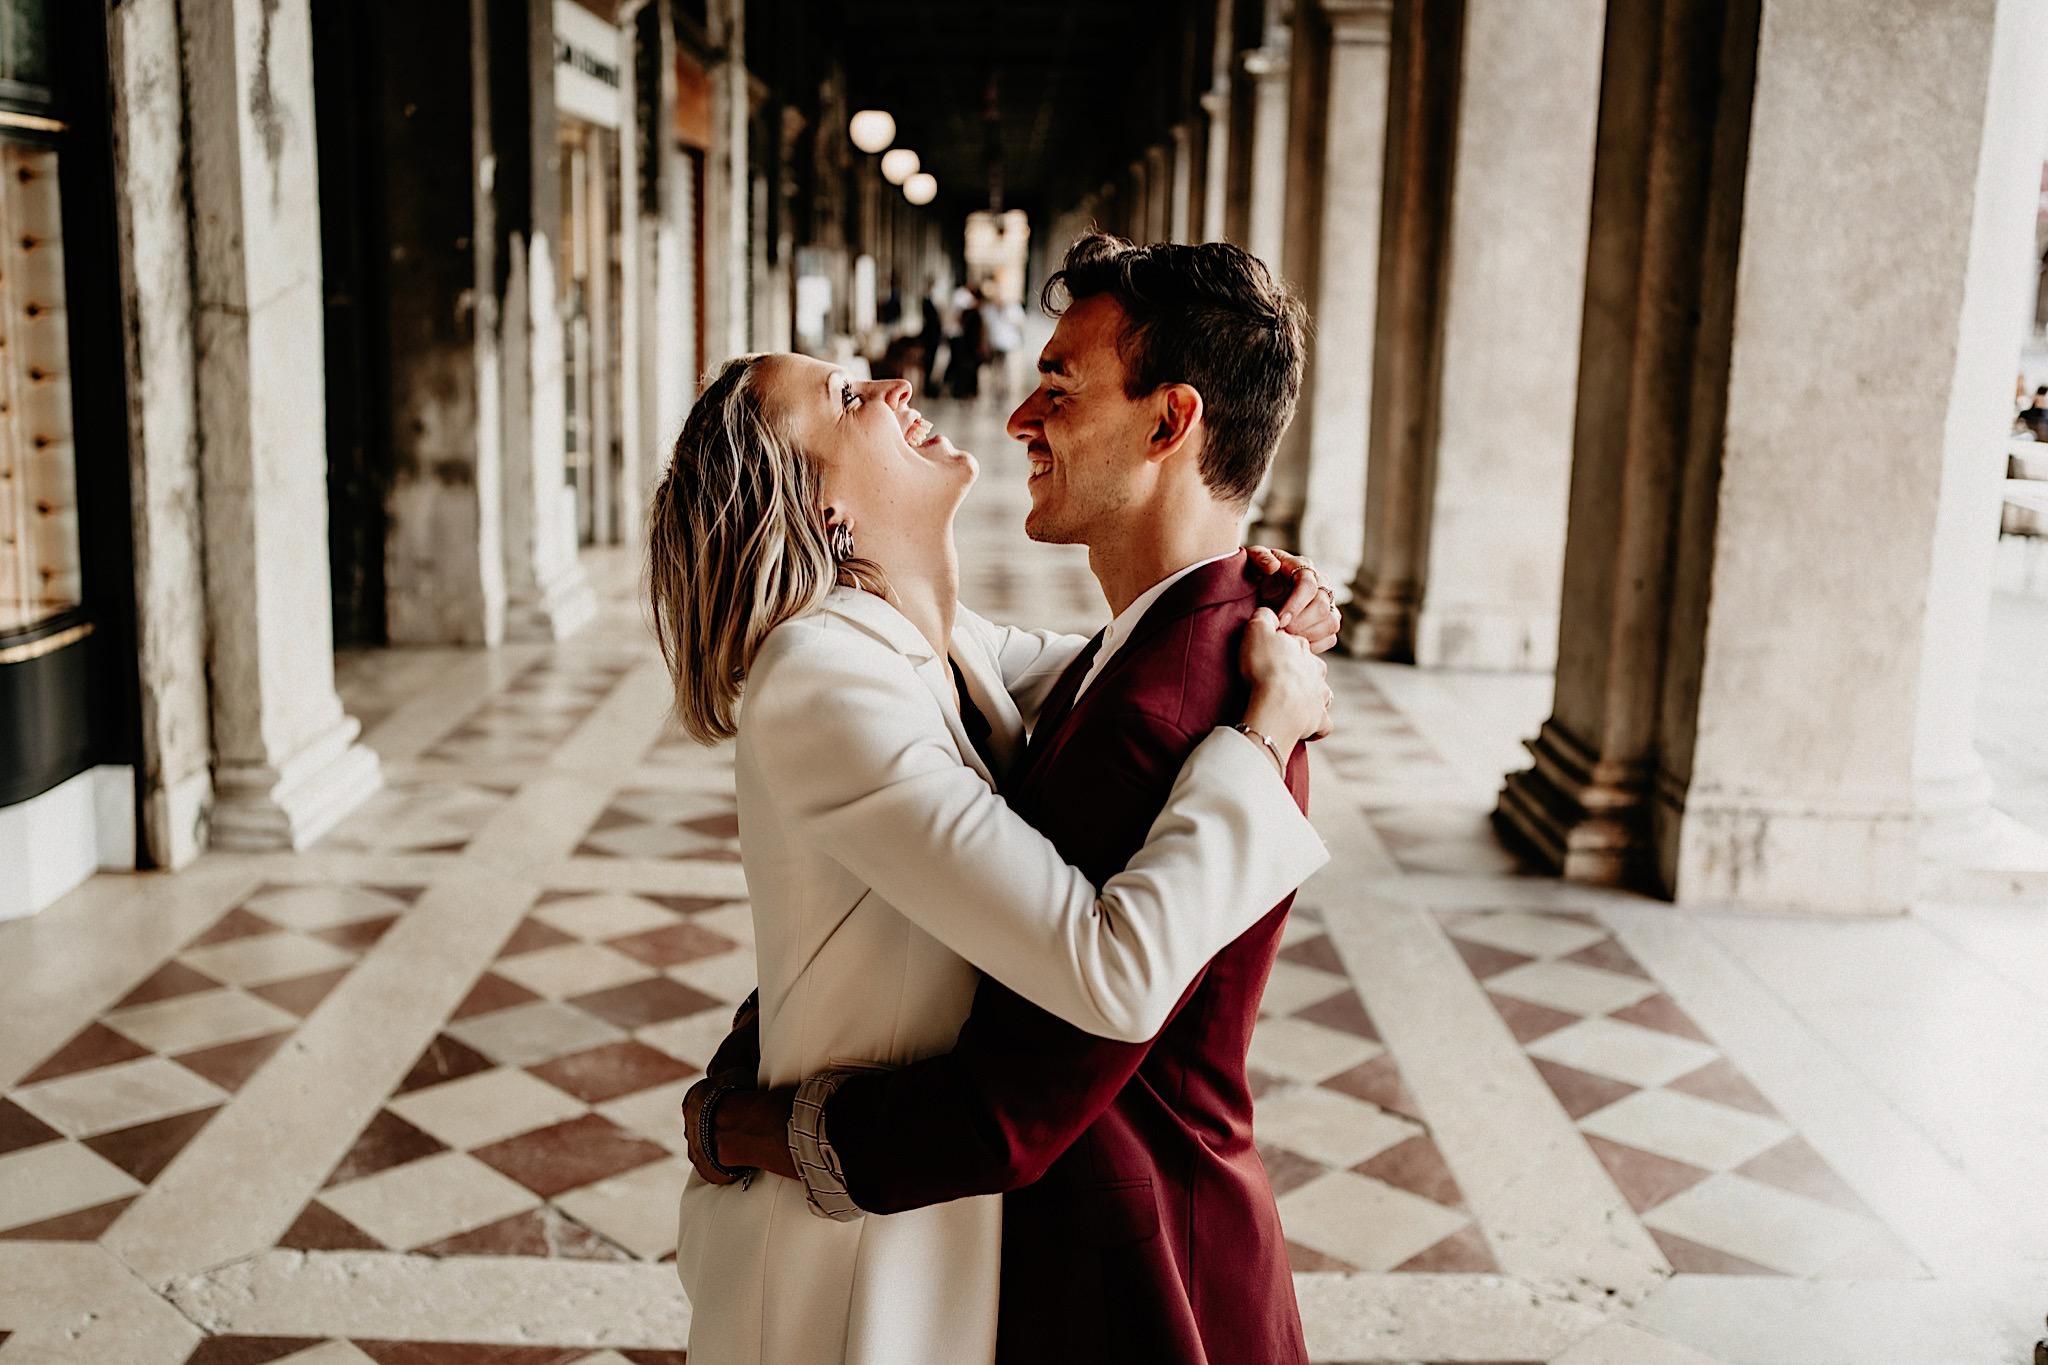 32_venezia_tramonto_matrimonio_proposta